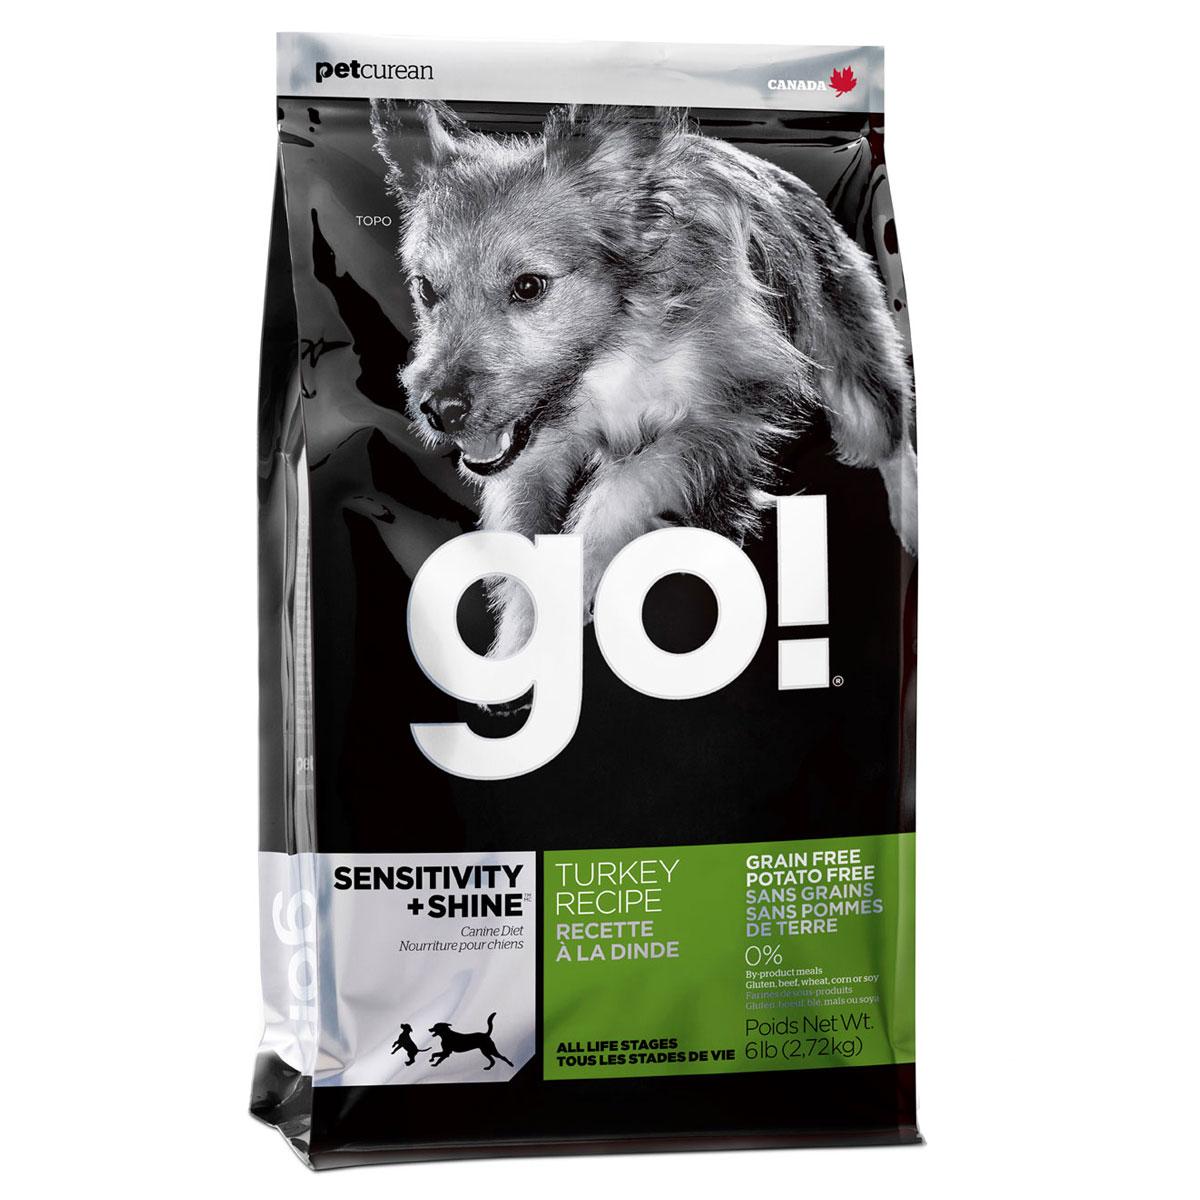 Корм сухой GO! для щенков и собак с чувствительным пищеварением, беззерновой, с индейкой, 2,72 кг10221Сухой корм GO! предназначен для щенков и собак. В качестве основного источника углеводов используется чечевица, а не картофель, поэтому корм идеально подходит для собак чувствительных к картофелю (крахмалу) или при беззерновой диете. Основным источником белка является мясо индейки, что отлично подходит для собак с пищевой аллергией. Ключевые преимущества: - единственный источник белка - мясо индейки, - полностью беззерновой, - прибиотики и пробиотики нормализуют работу кишечника и улучшают работу пищеварительной системы, - жирные Омега кислоты - здоровье и блеск шерсти, - поддержка иммунной системы за счет фруктов и овощей, богатых антиоксидантами, - полное отсутствие субпродуктов, ГМО, искусственных консервантов, глютена, говядины, пшеницы, кукурузы и сои. Состав: свежее мясо индейки, филе индейки, горох, тапиока, каноловое масло (с Витамином Е в качестве консерванта), яичный порошок, гороховая клетчатка, натуральный...